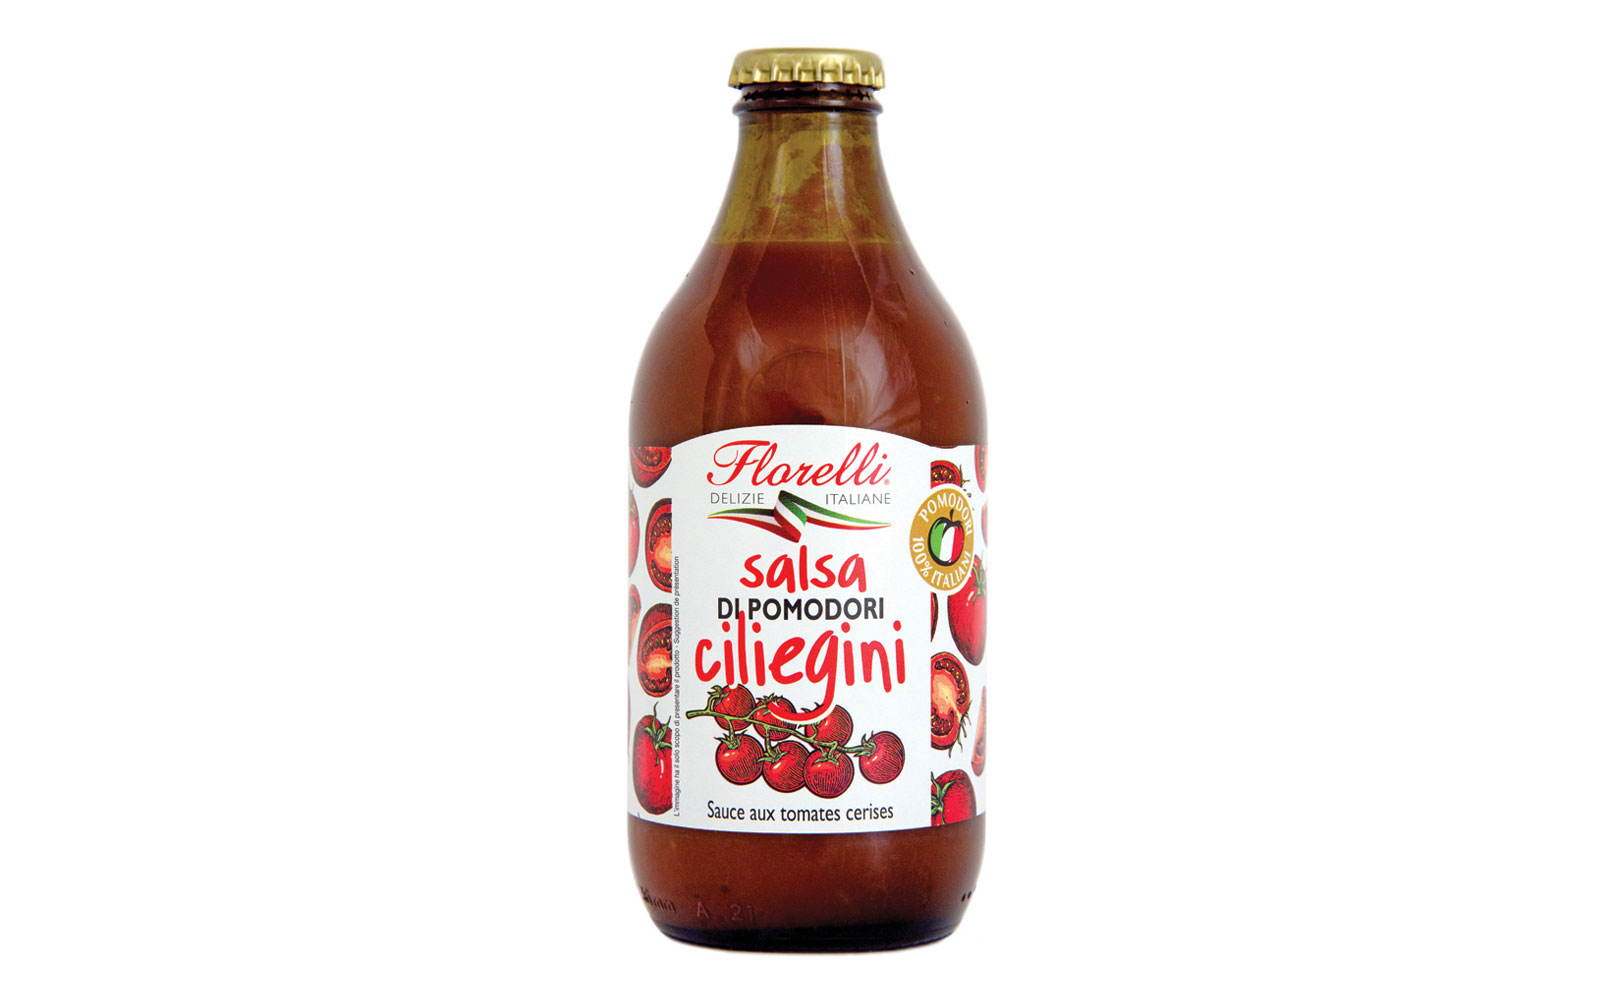 florelli cherry Tomato Sauce